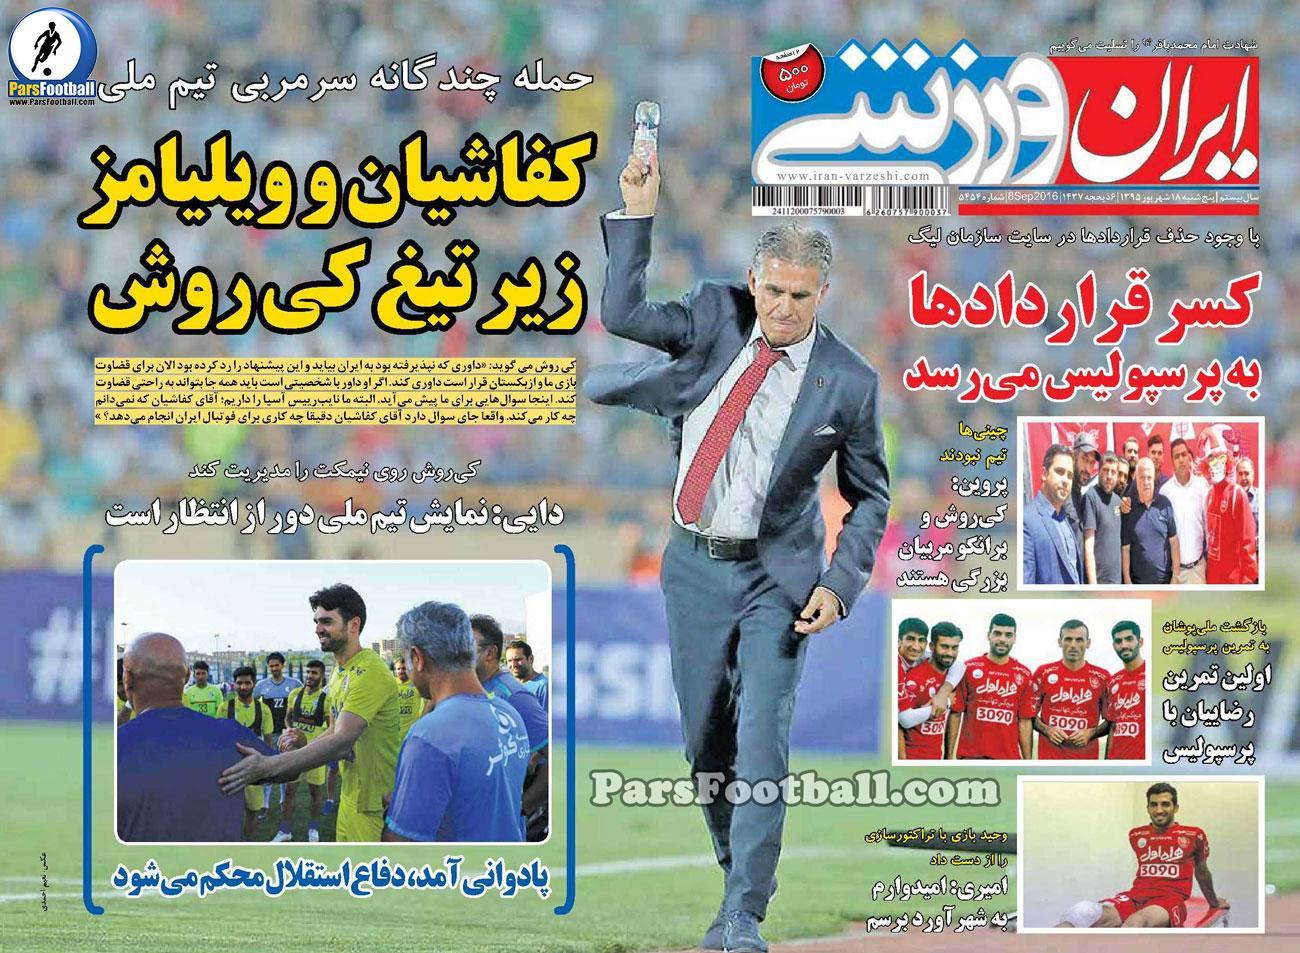 روزنامه ایران ورزشی پنجشنبه 18 شهریور 95